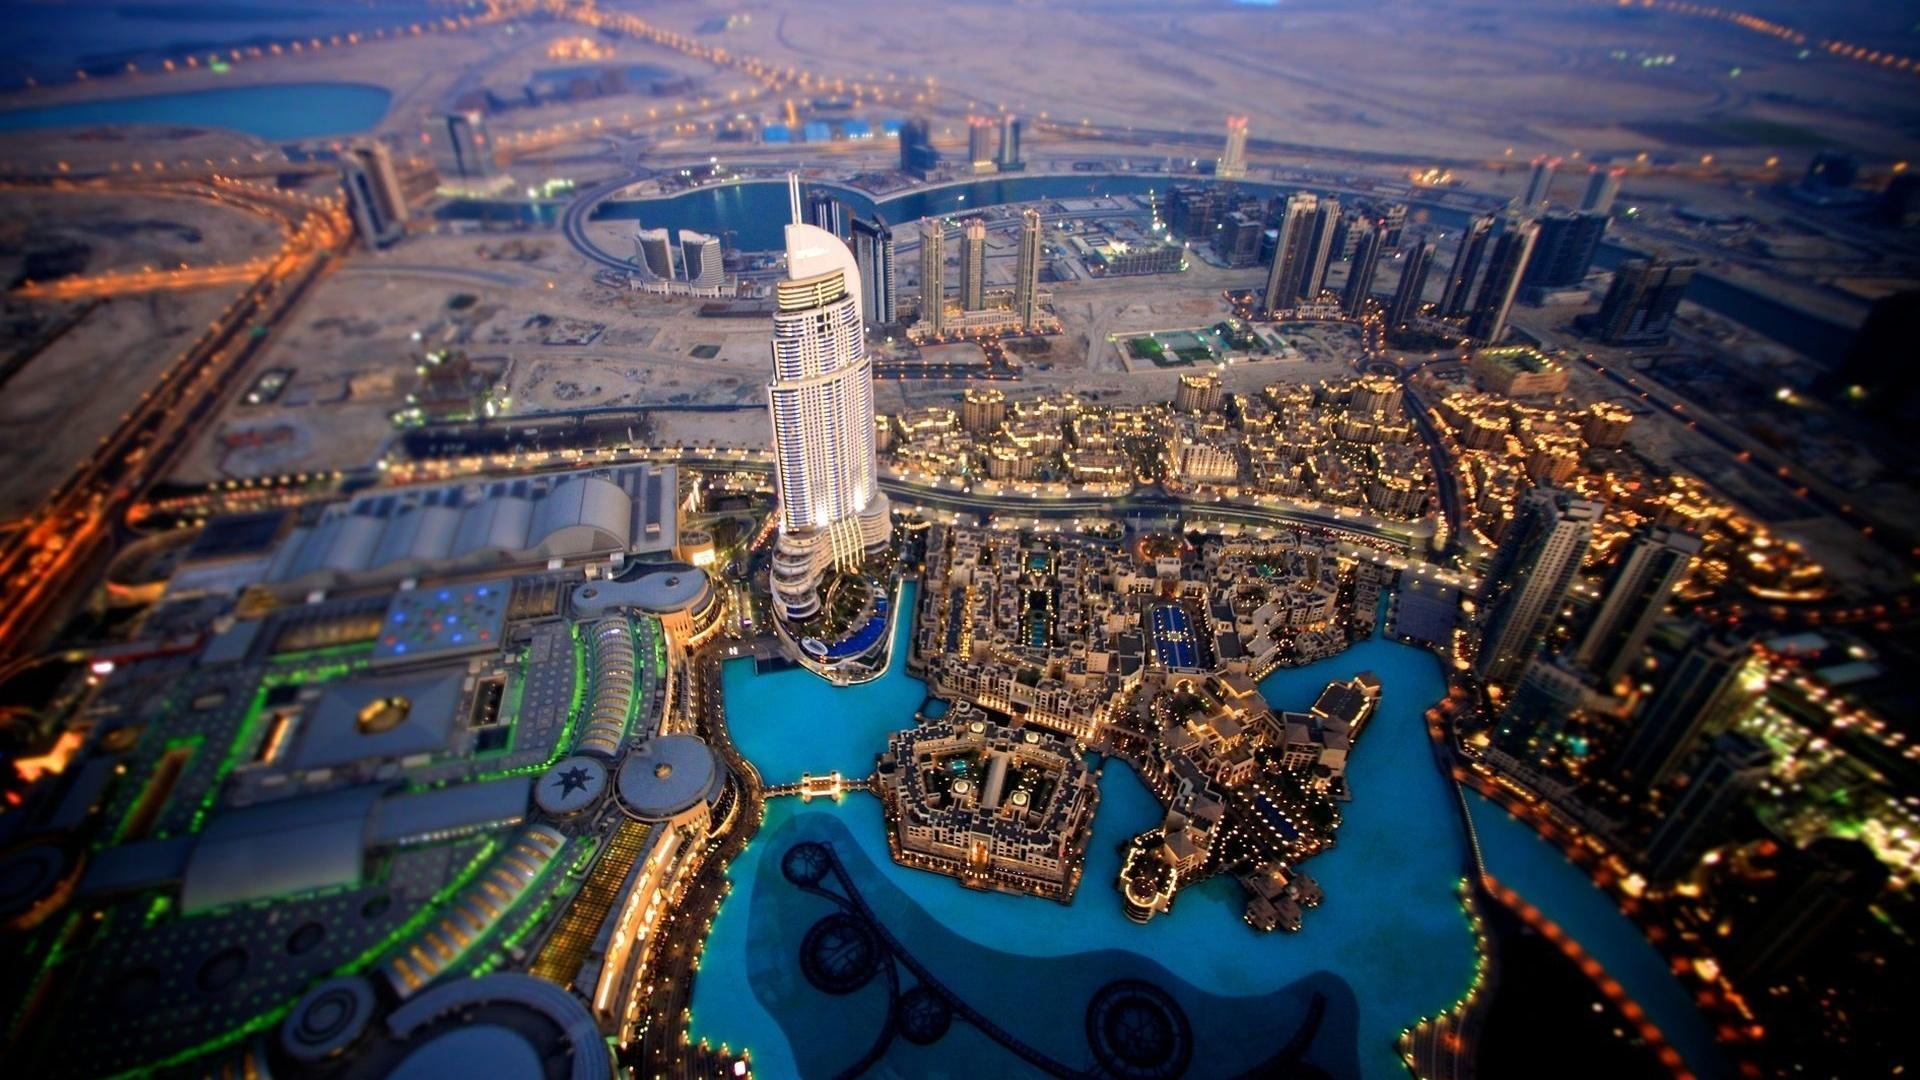 Dubai wallpaper picture hd